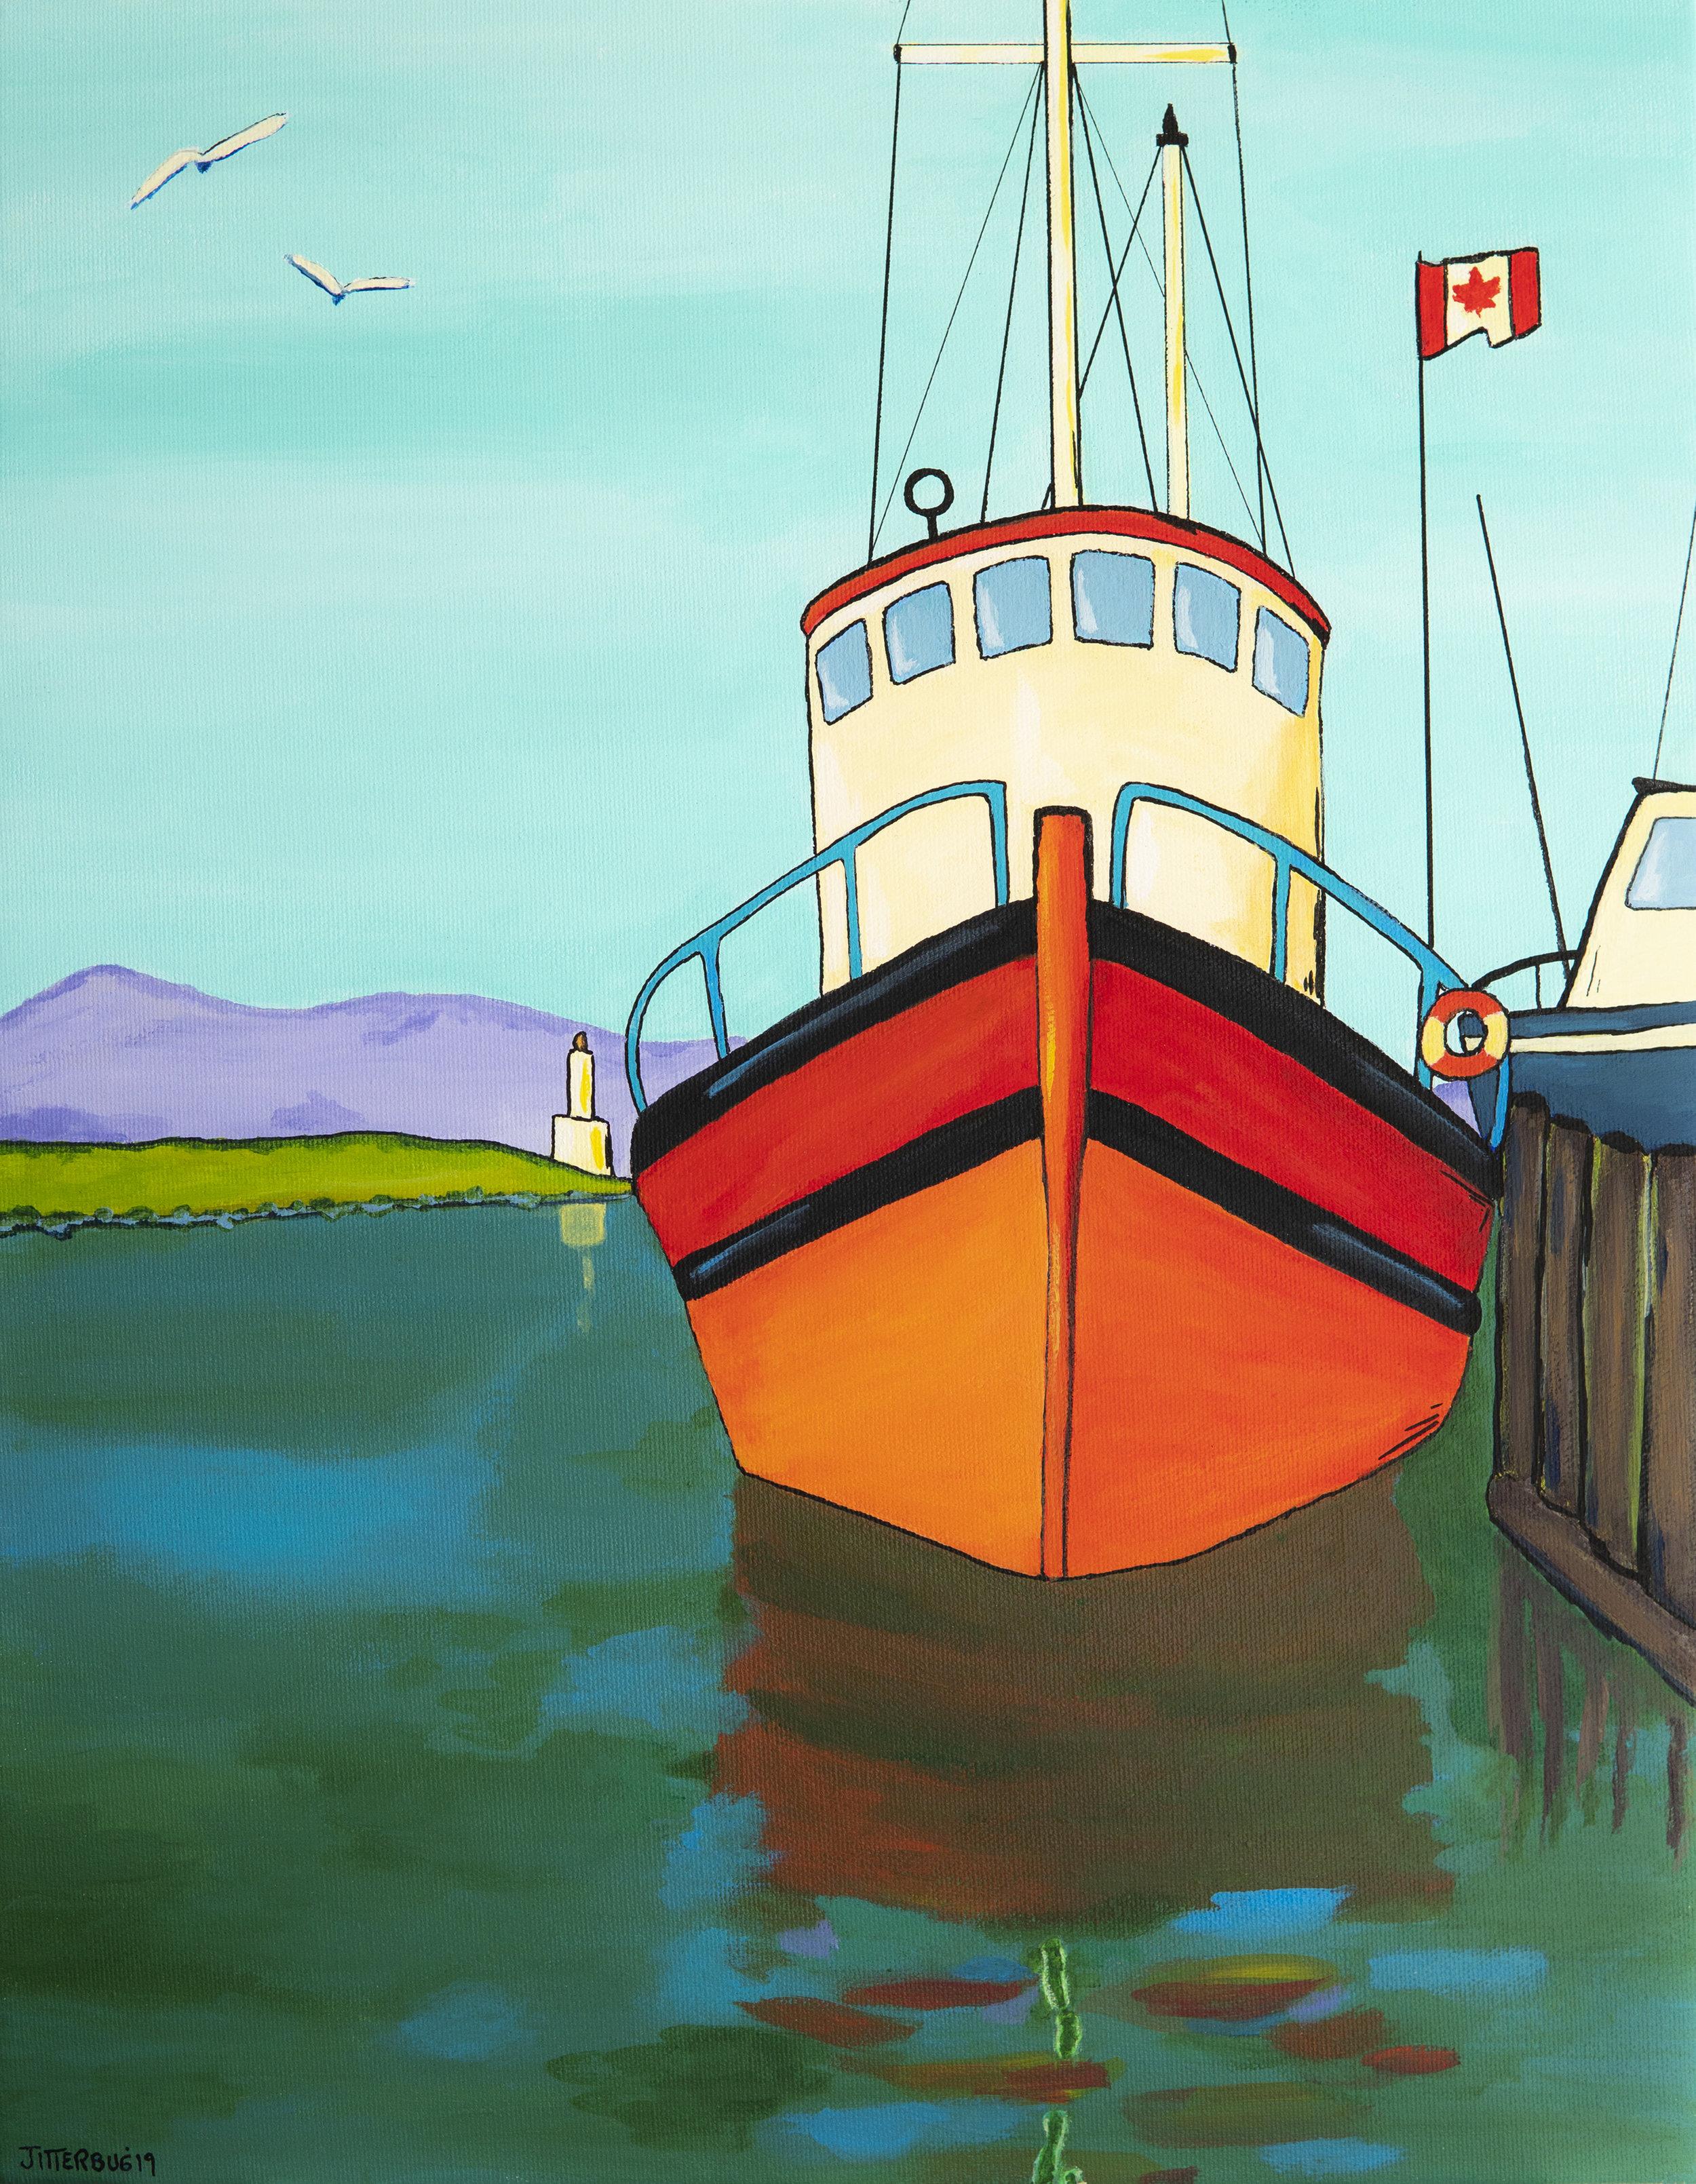 steveston boat #1.jpg